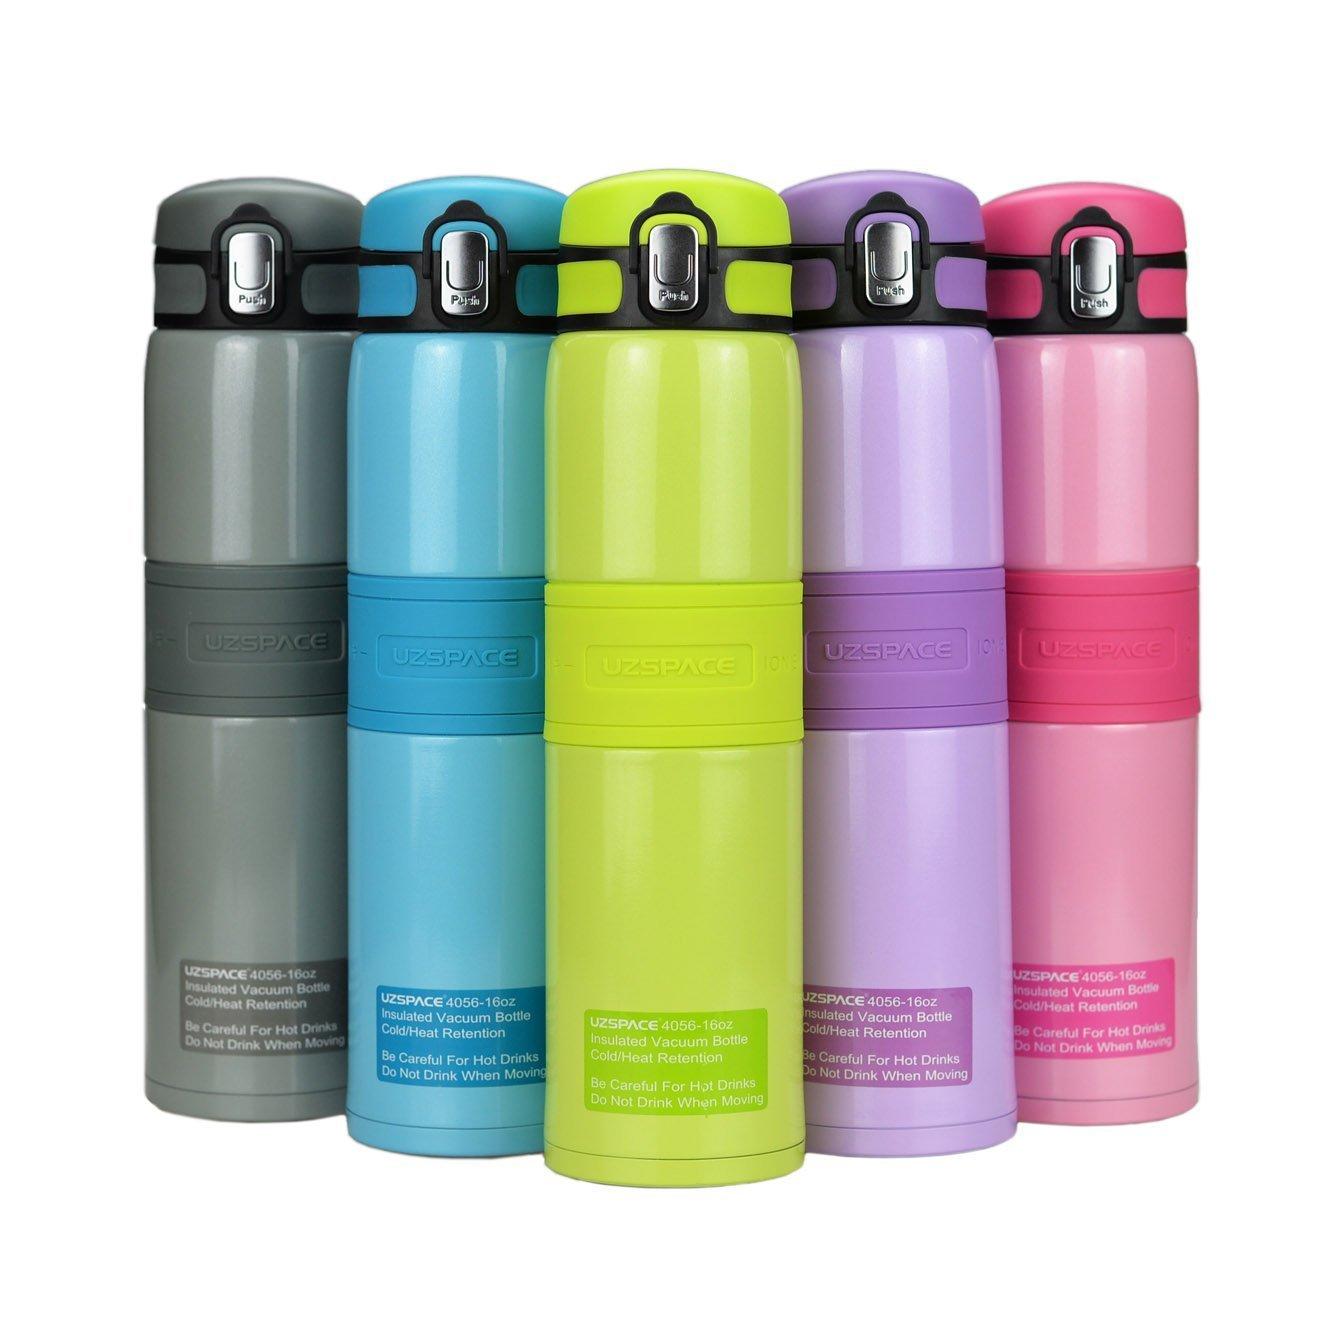 Super Wärmehaltung, Edelstahl Vakuum Isoliert Wasser Flasche Outdoor Sport, Yoga, Camping, Flip Cap rutschfest breit Auslauf BPA-frei, viele Farbe Option